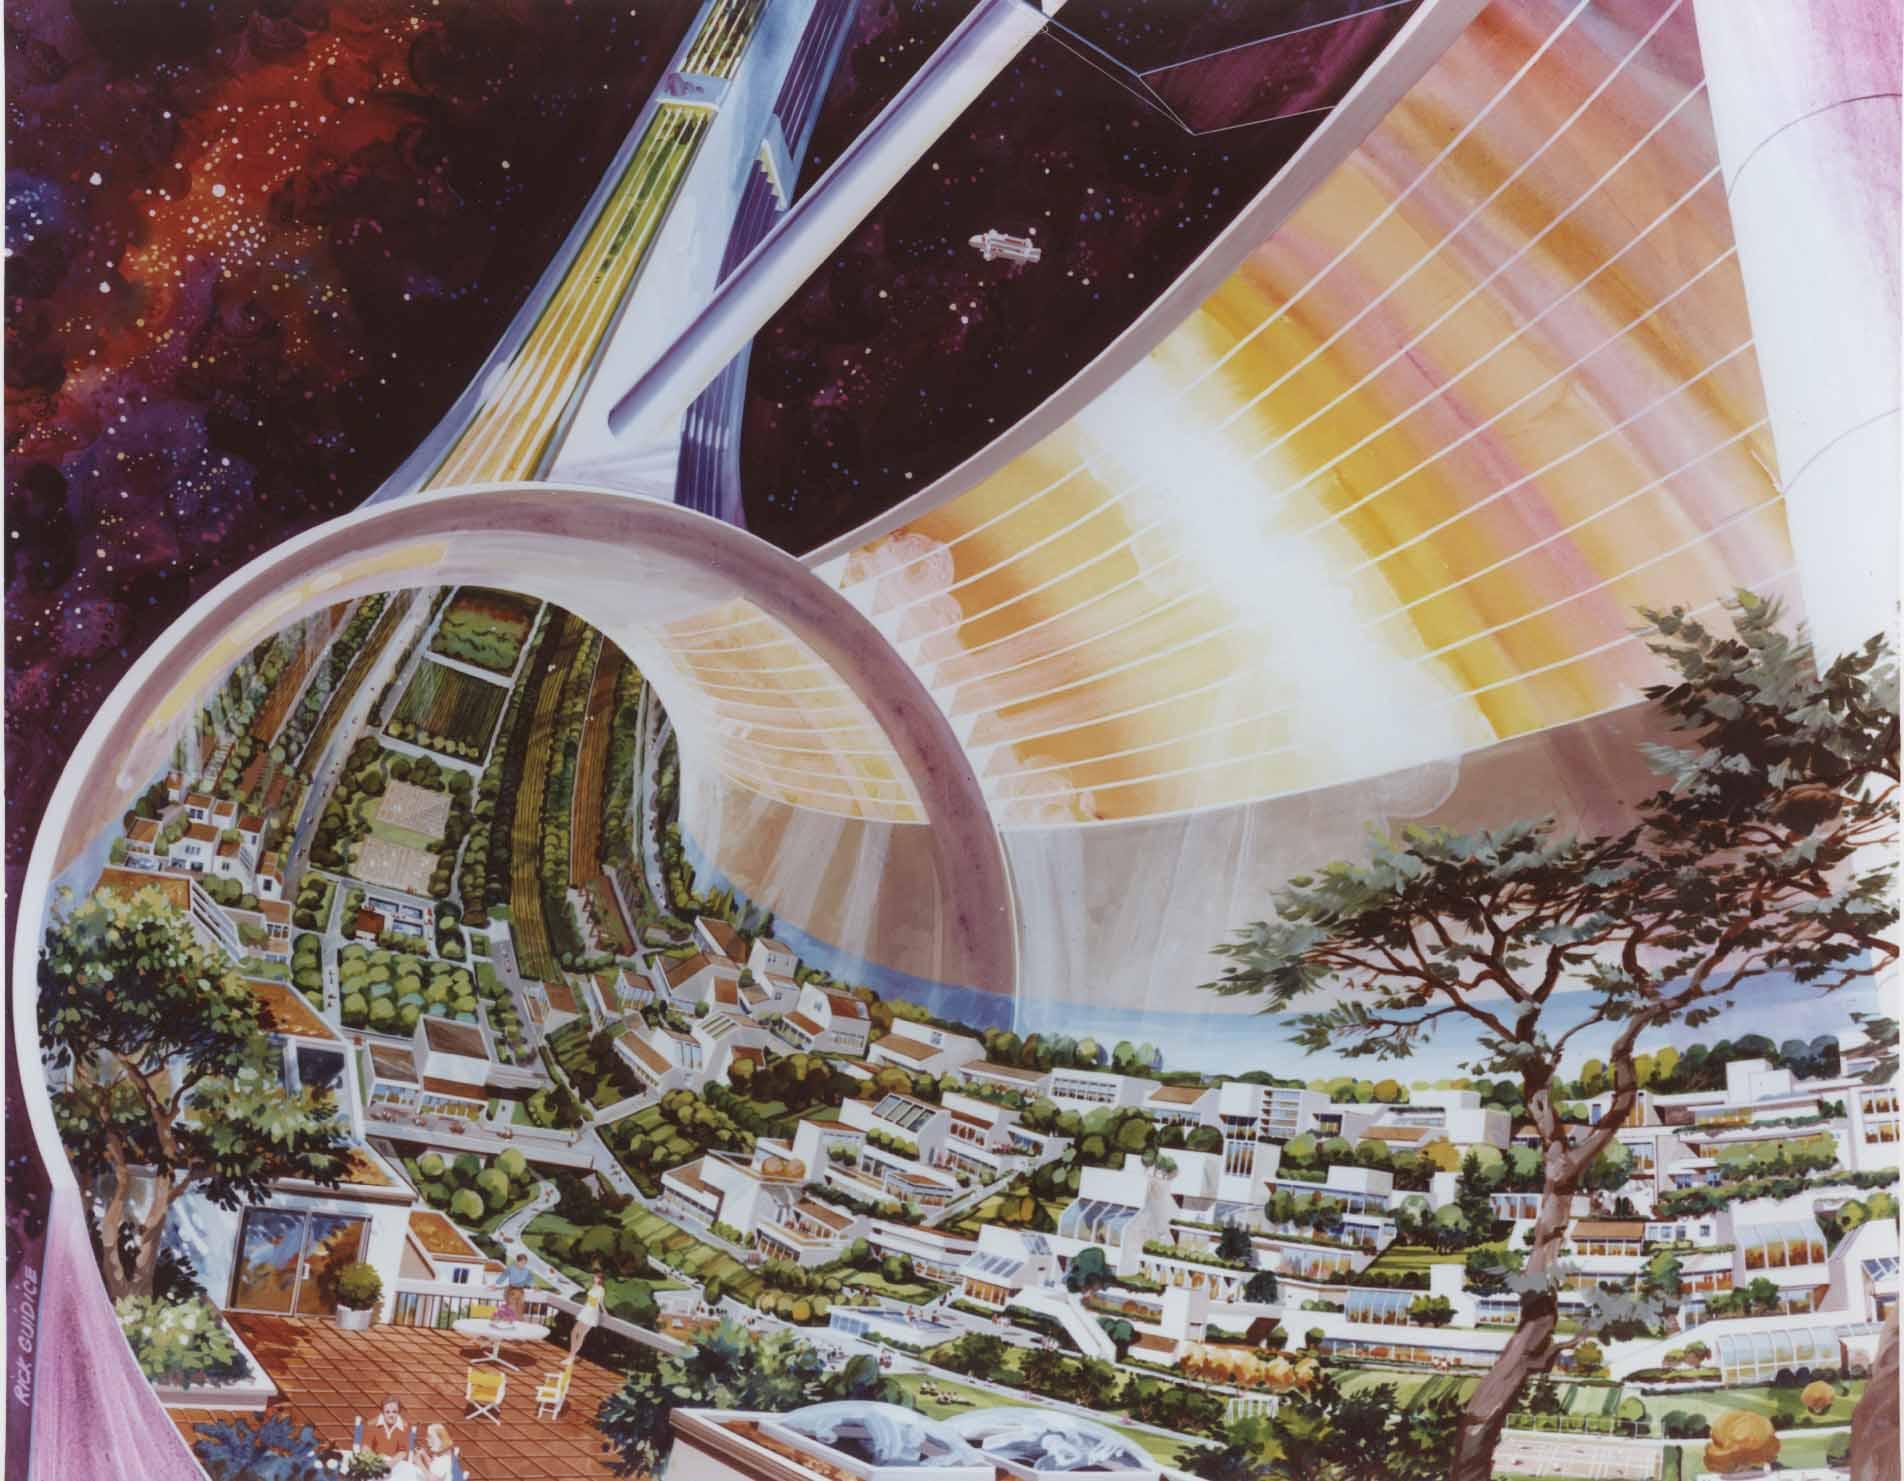 Una colonia orbital en Ceres para el ser humano